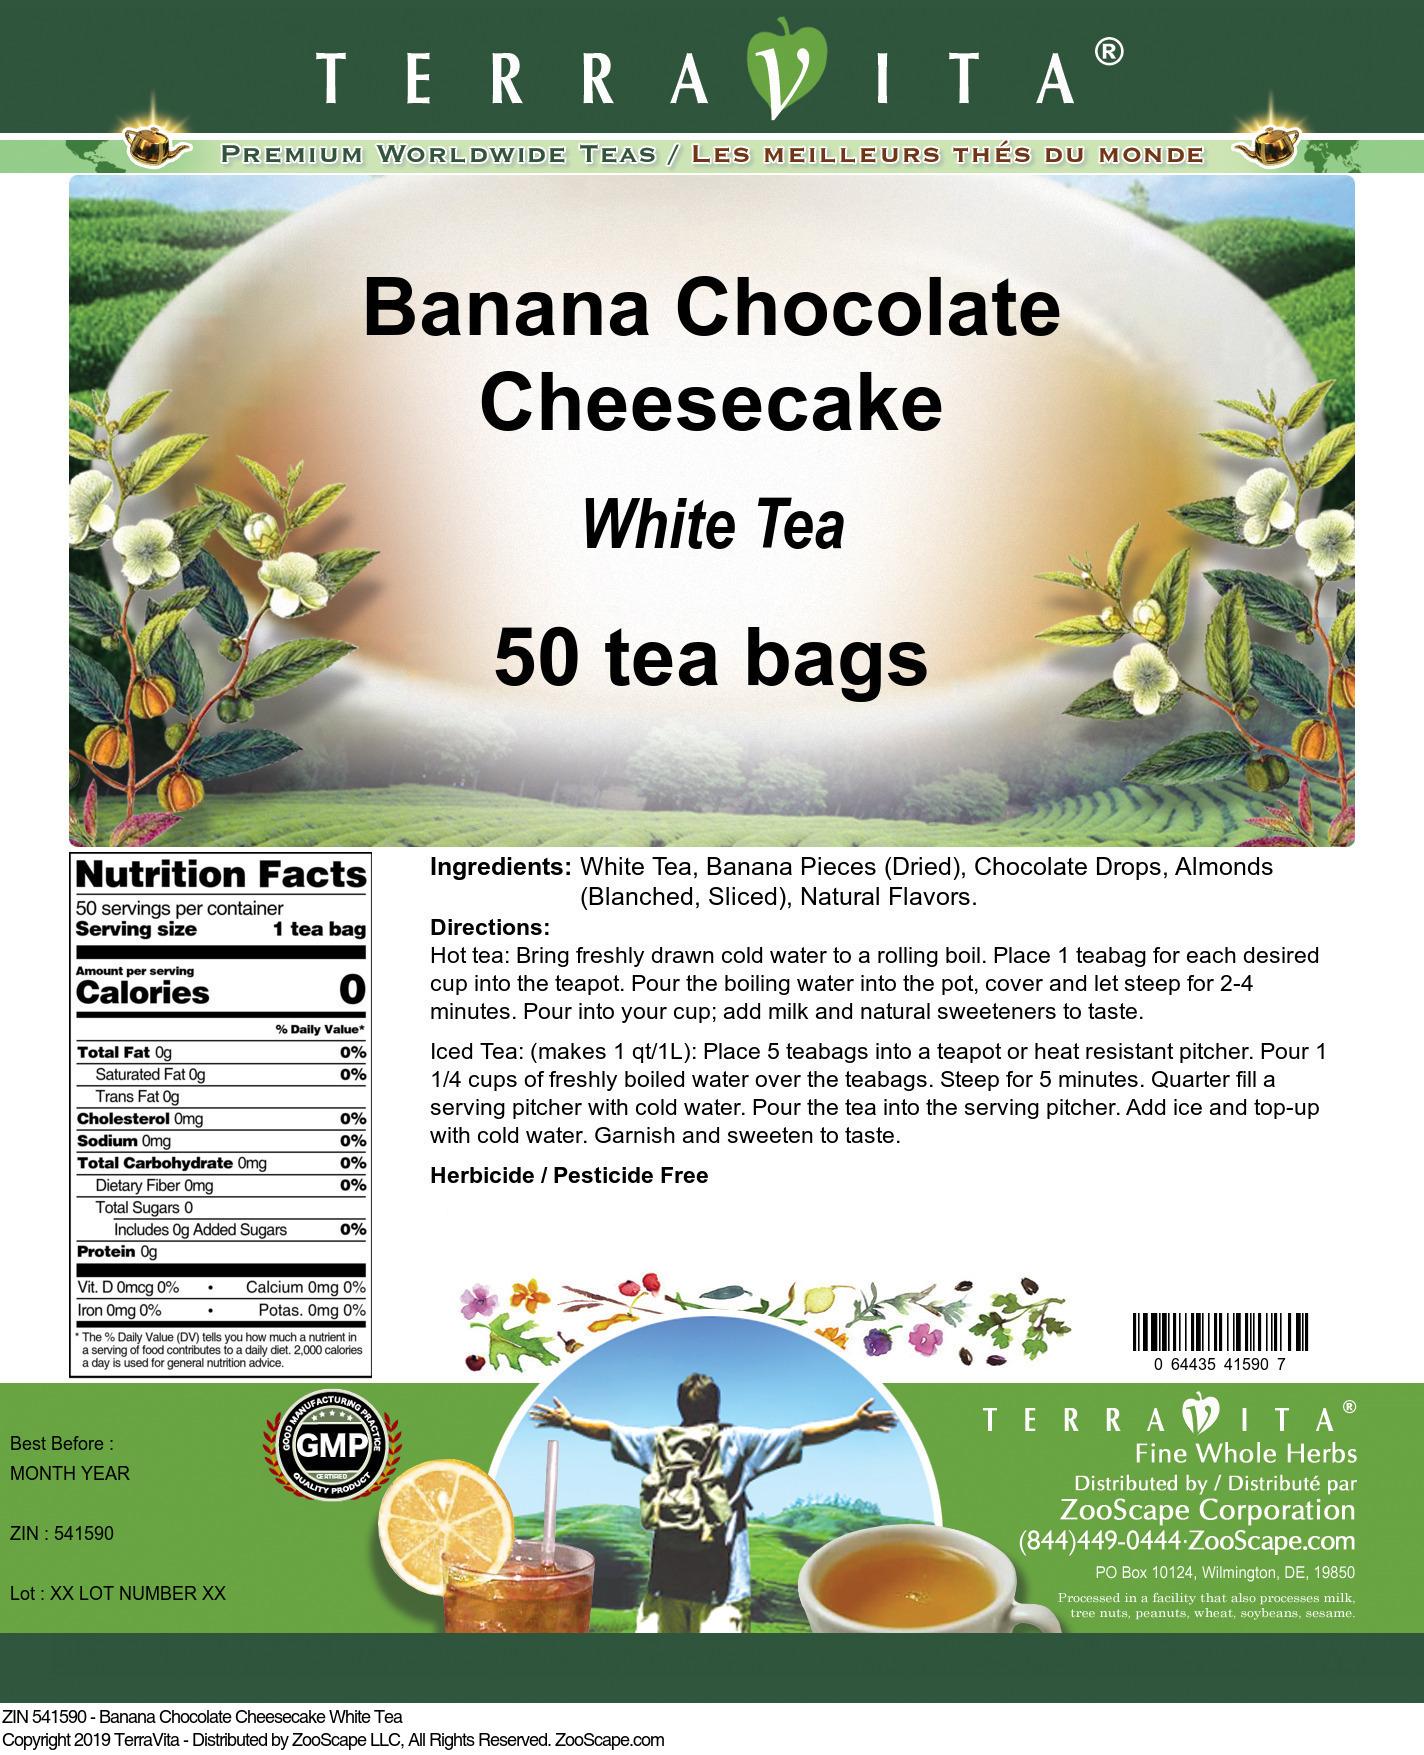 Banana Chocolate Cheesecake White Tea